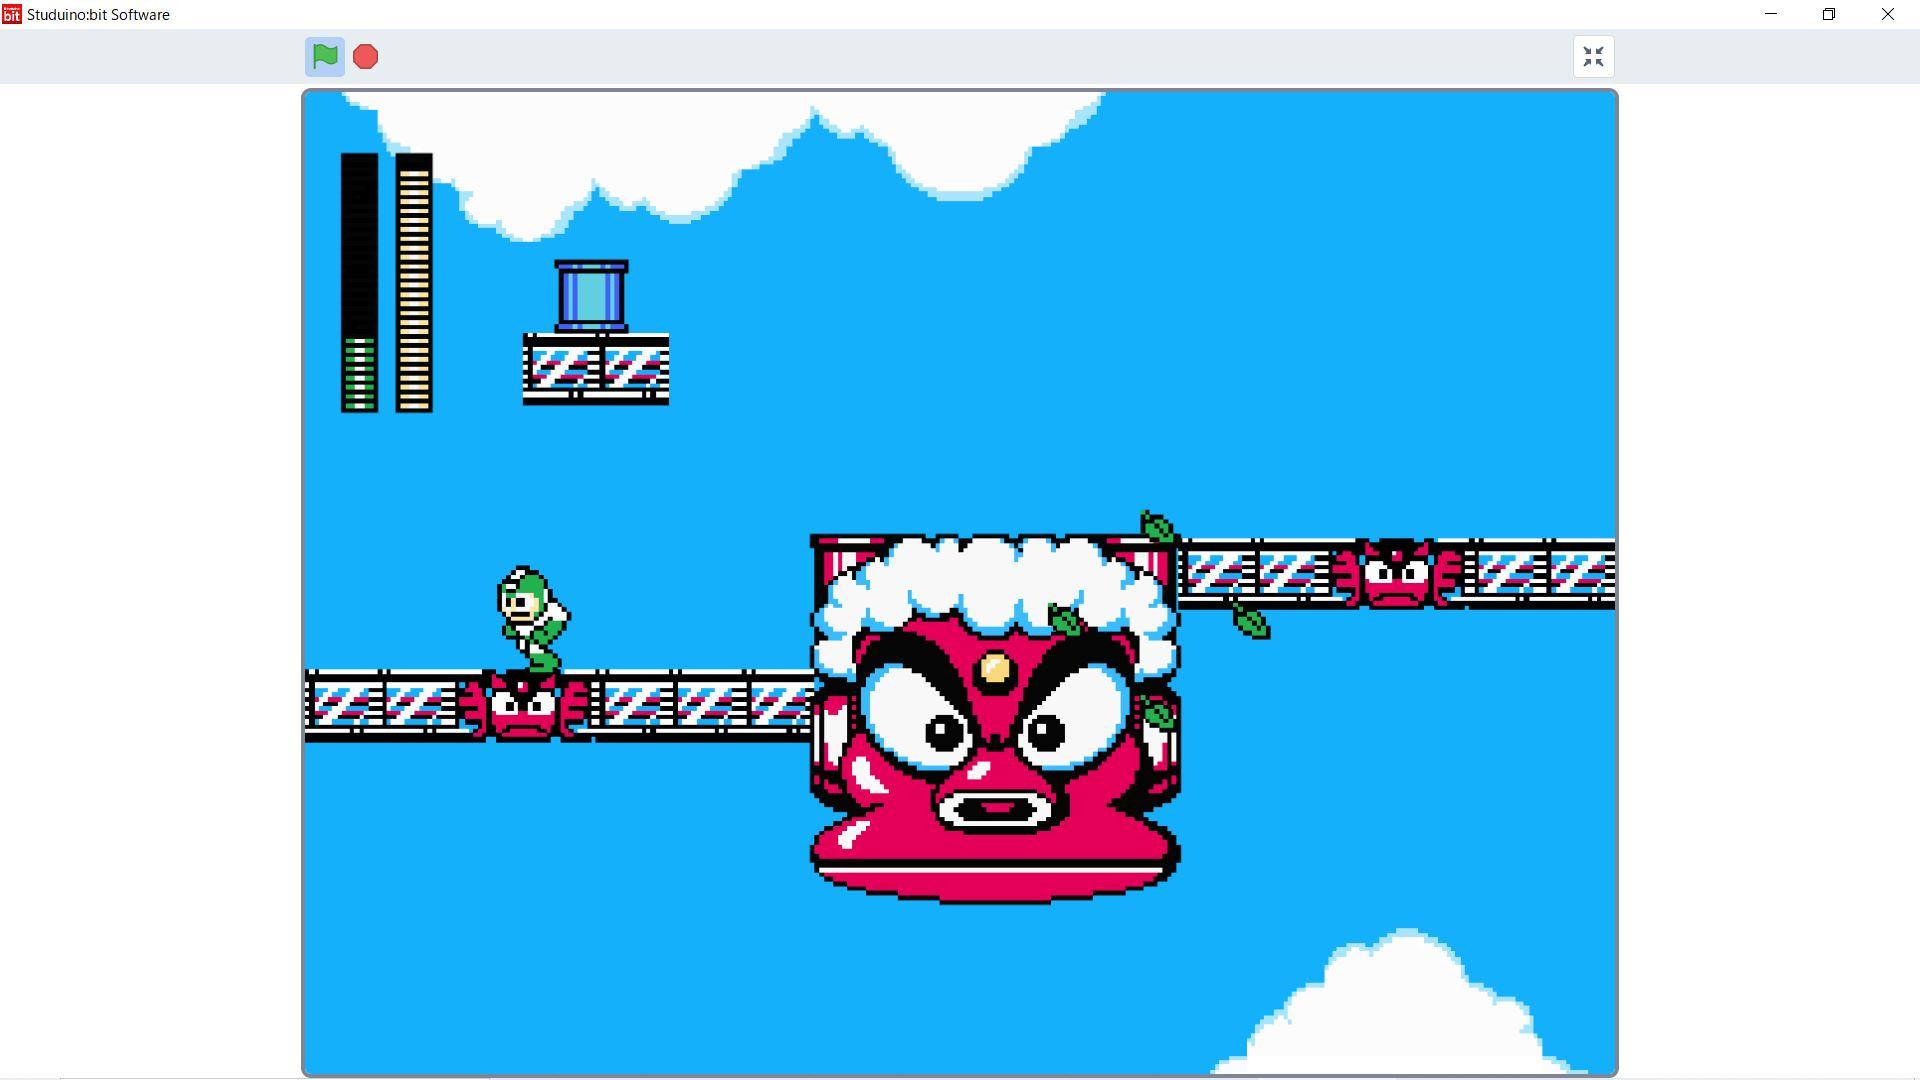 ステージ8のサンプルゲームを実行したところ。より本格的なゲームがプレイできる。「リーフシールド」を使うと、ロックマンの色が緑色に変わる